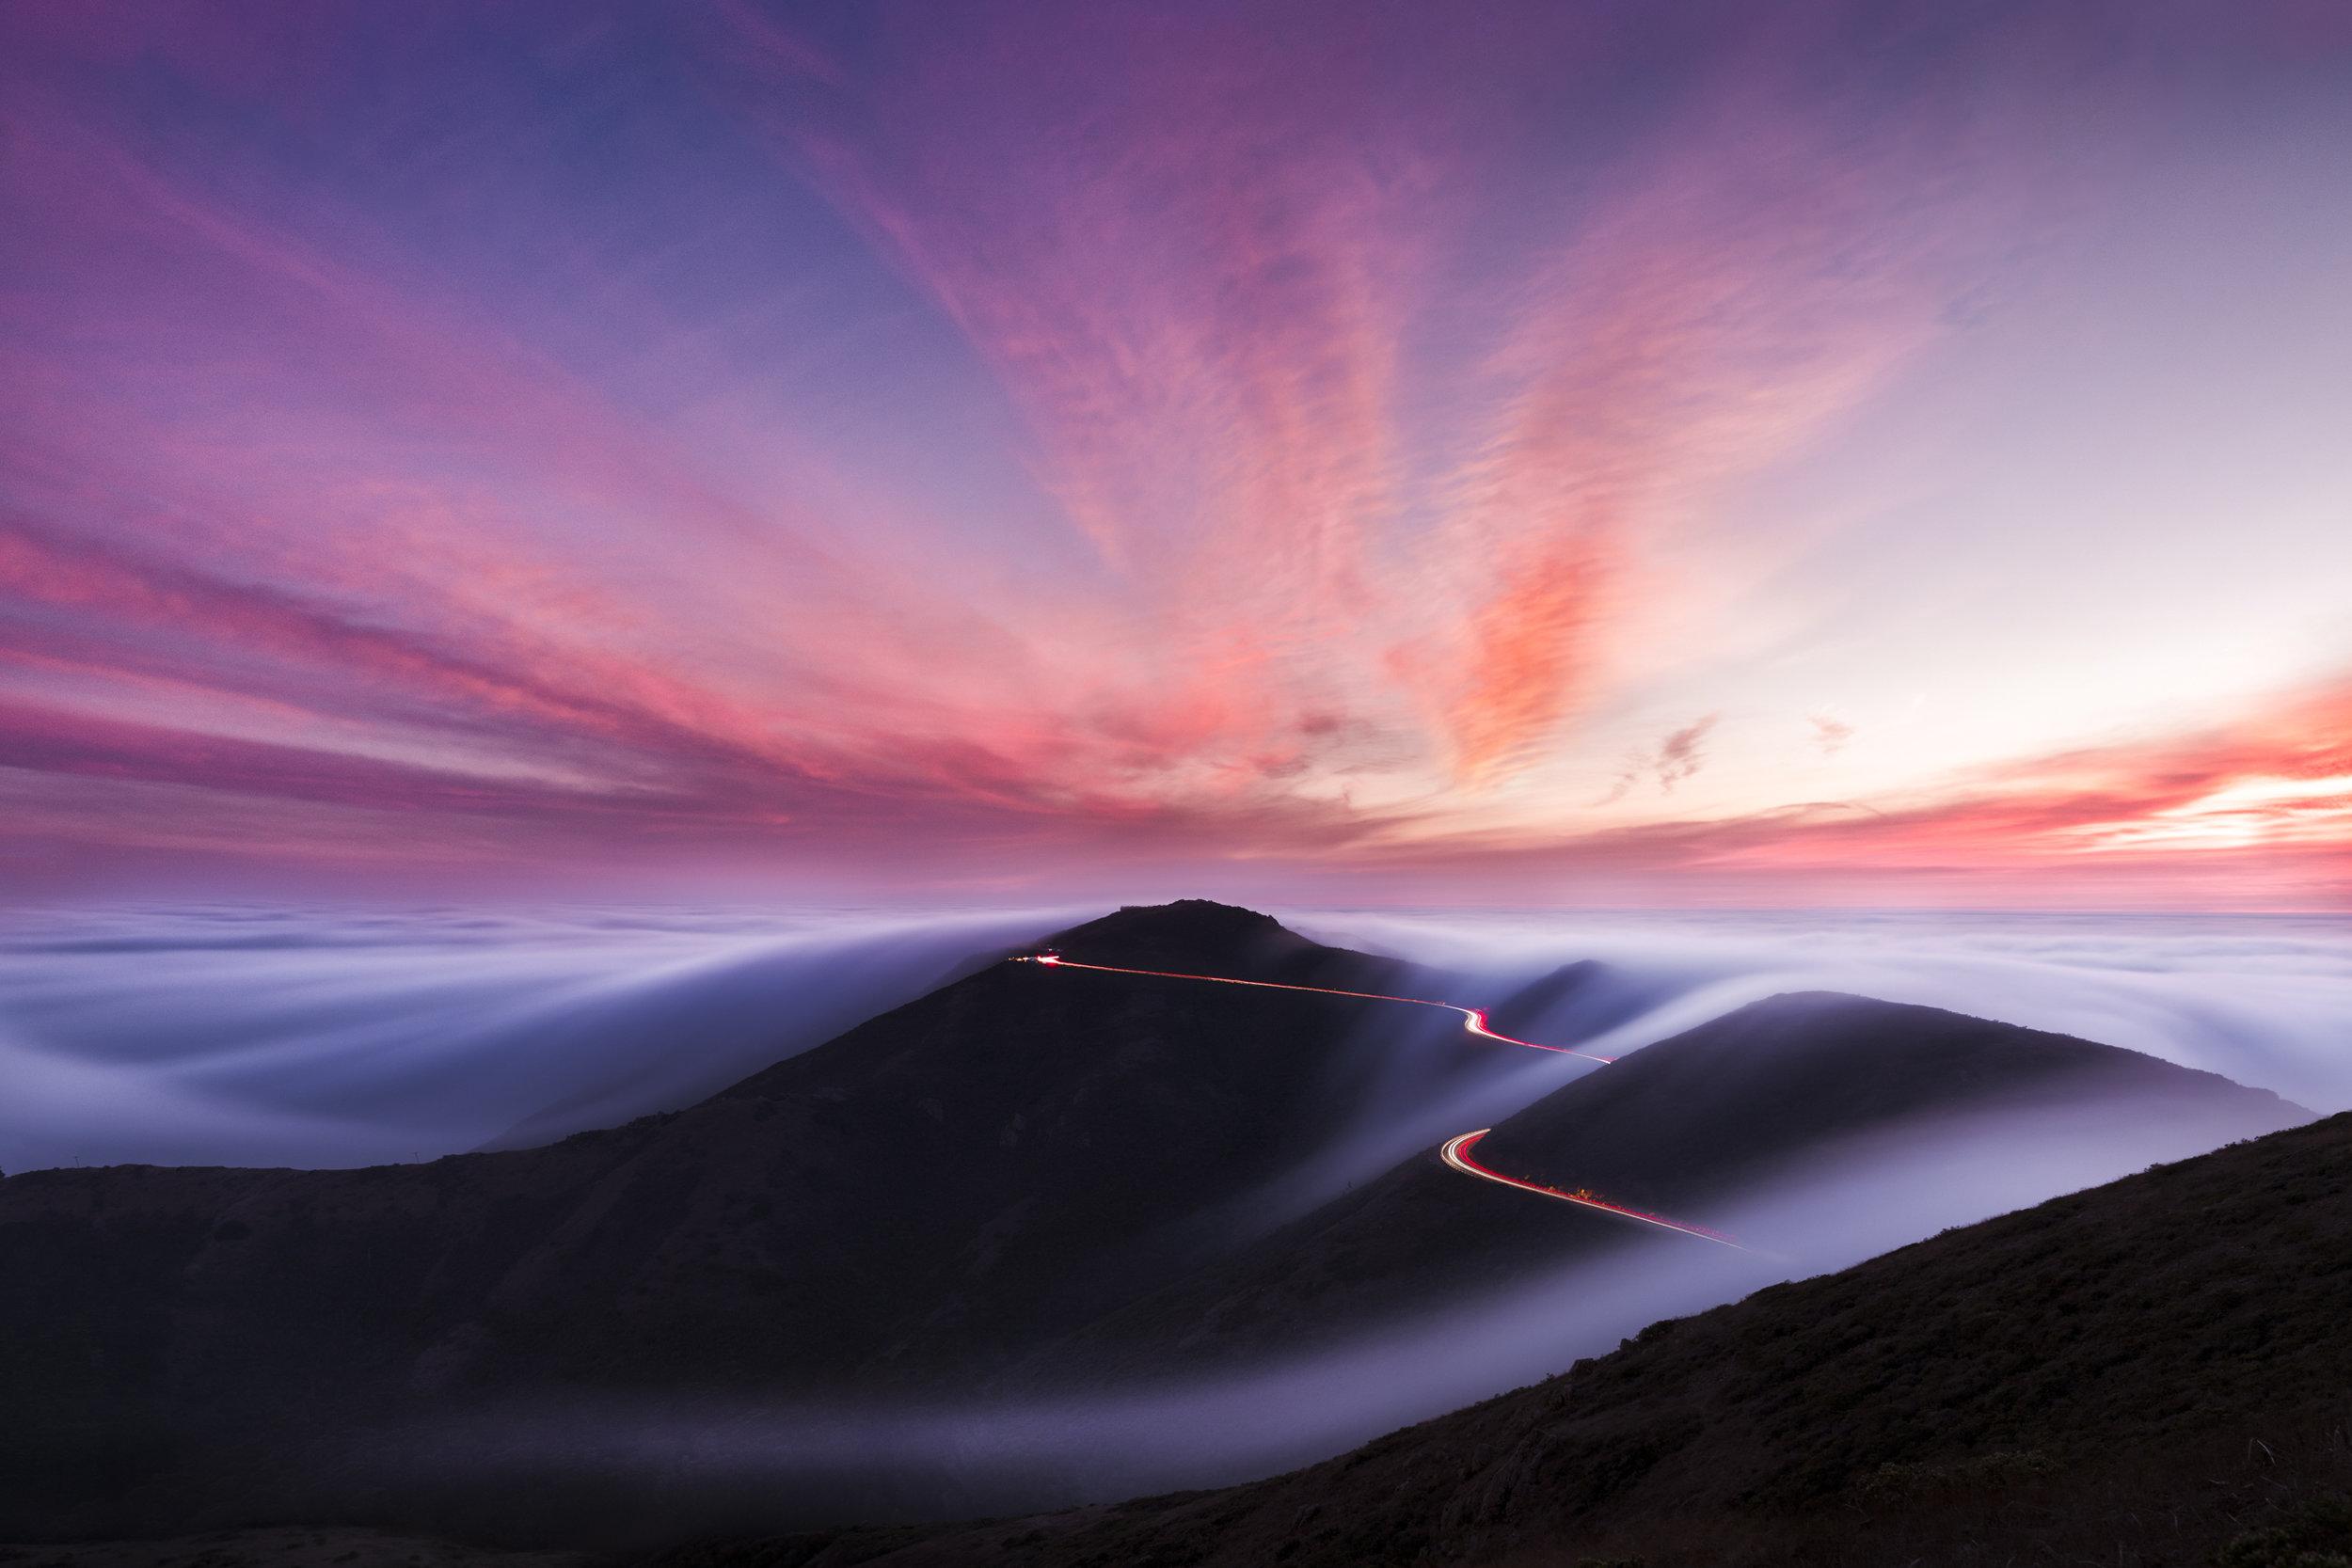 Slacker Hill, Marin Headlands, California